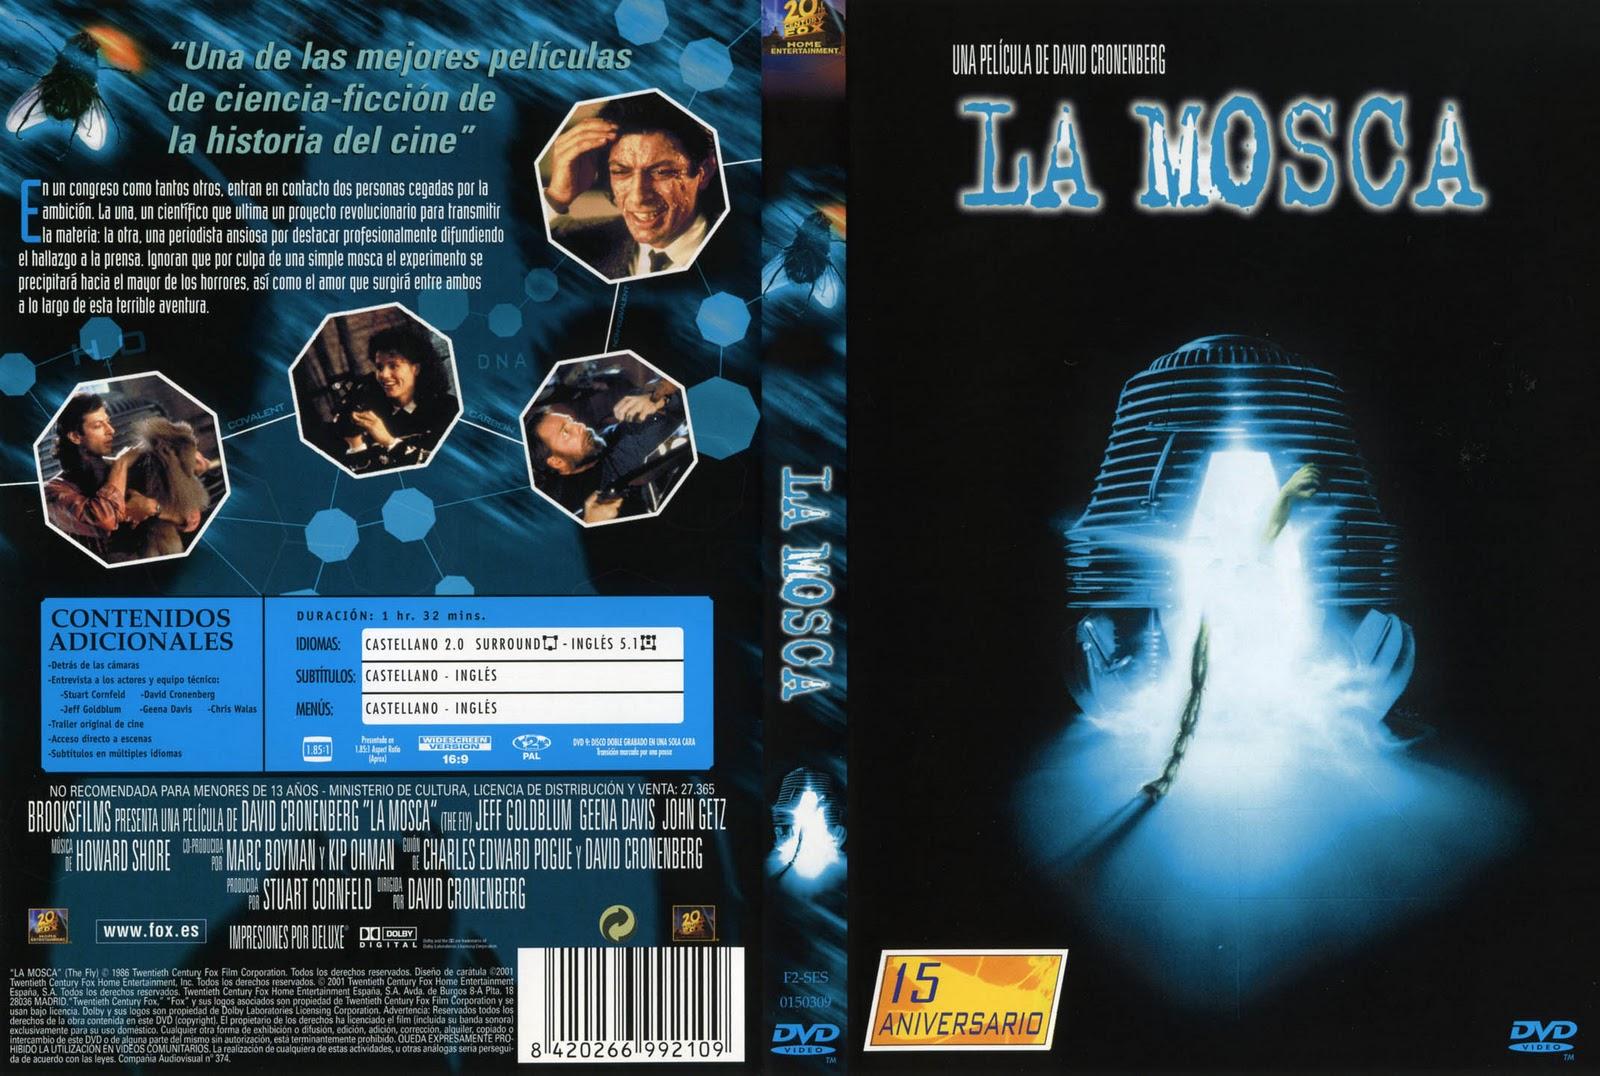 La Mosca [1986] [Castellano] DescargaCineClasico.Net